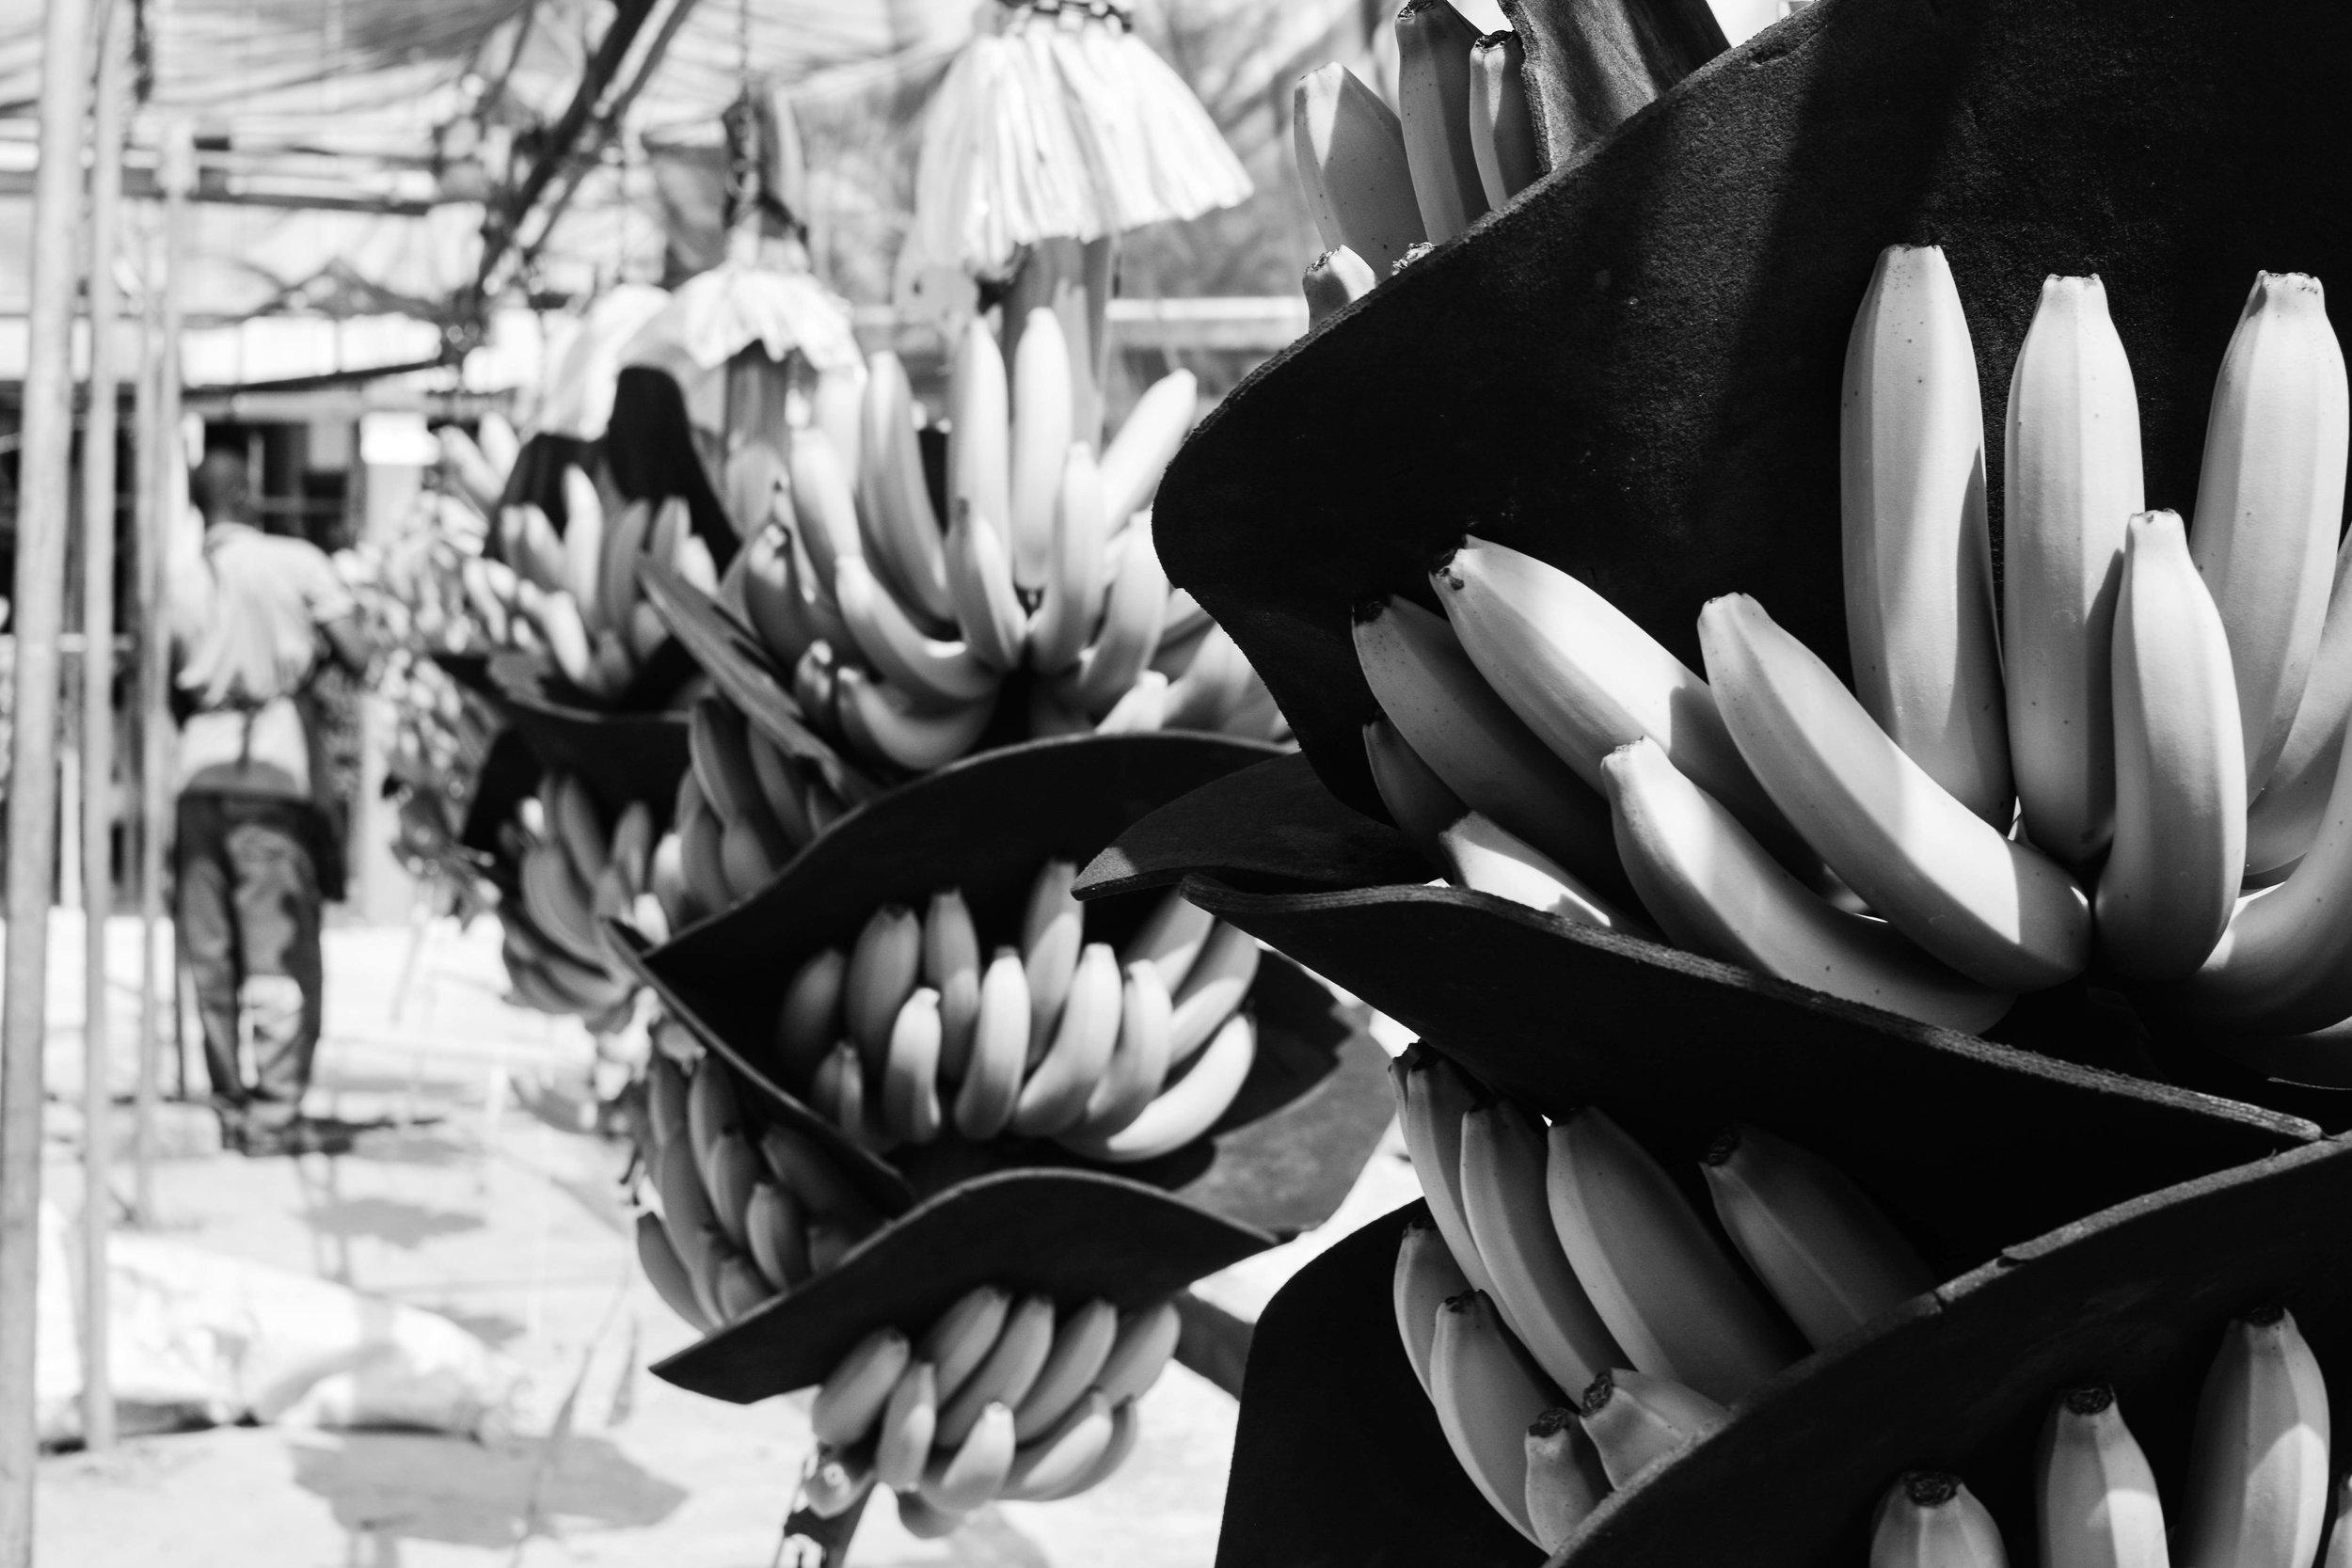 Se coloca una protección entre las manos para evitar marcas. El cliente tiene estándares muy altos y no quieren bananas dañadas o marcadas.   A protection is placed between the hands to avoid marks. The client has very high standards and does not want damaged or scratched bananas.